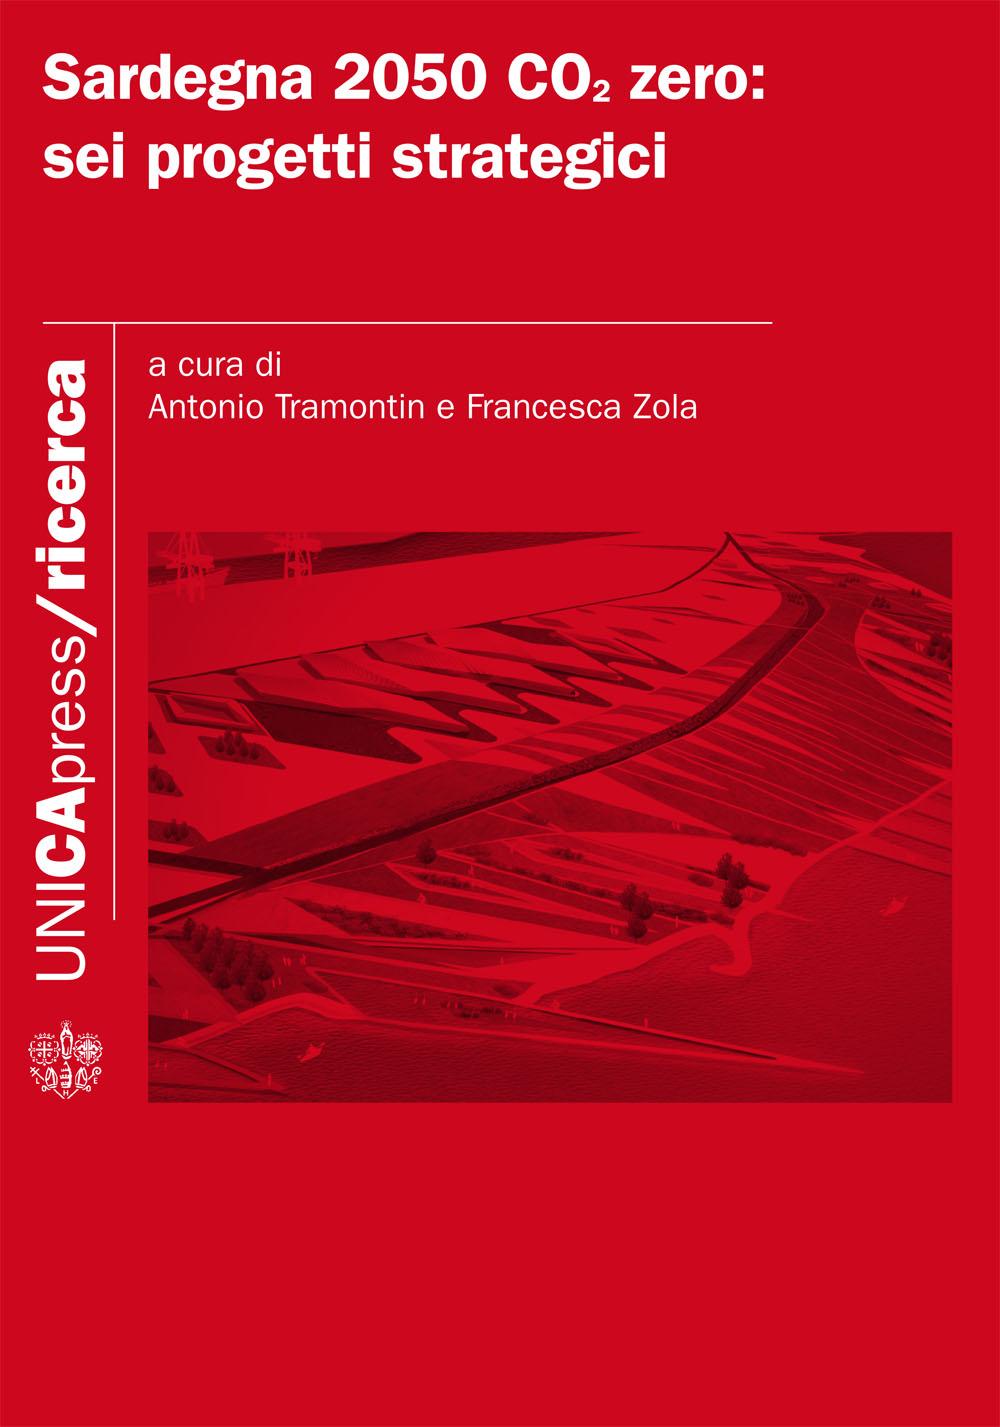 Sardegna 2050 CO2 zero: sei progetti strategici - Bononia University Press